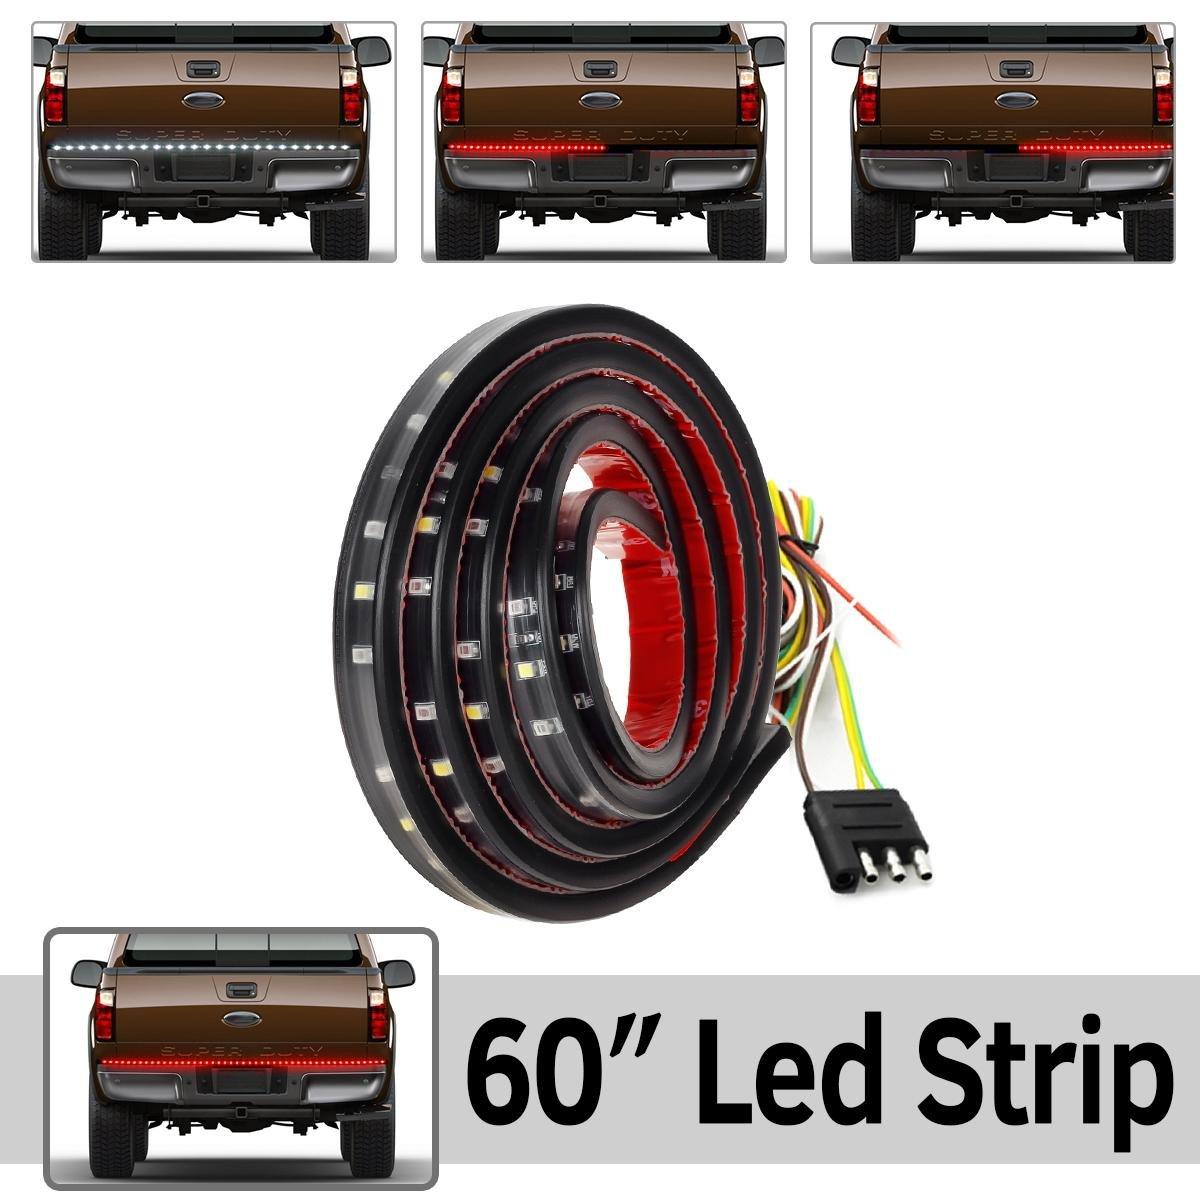 """Partsam 60"""" Truck Tailgate Reverse Brake Turn Signal Tail light Red White LED Light Bar for Ford Dodge Ram Super Duty RV Pickup Truck"""